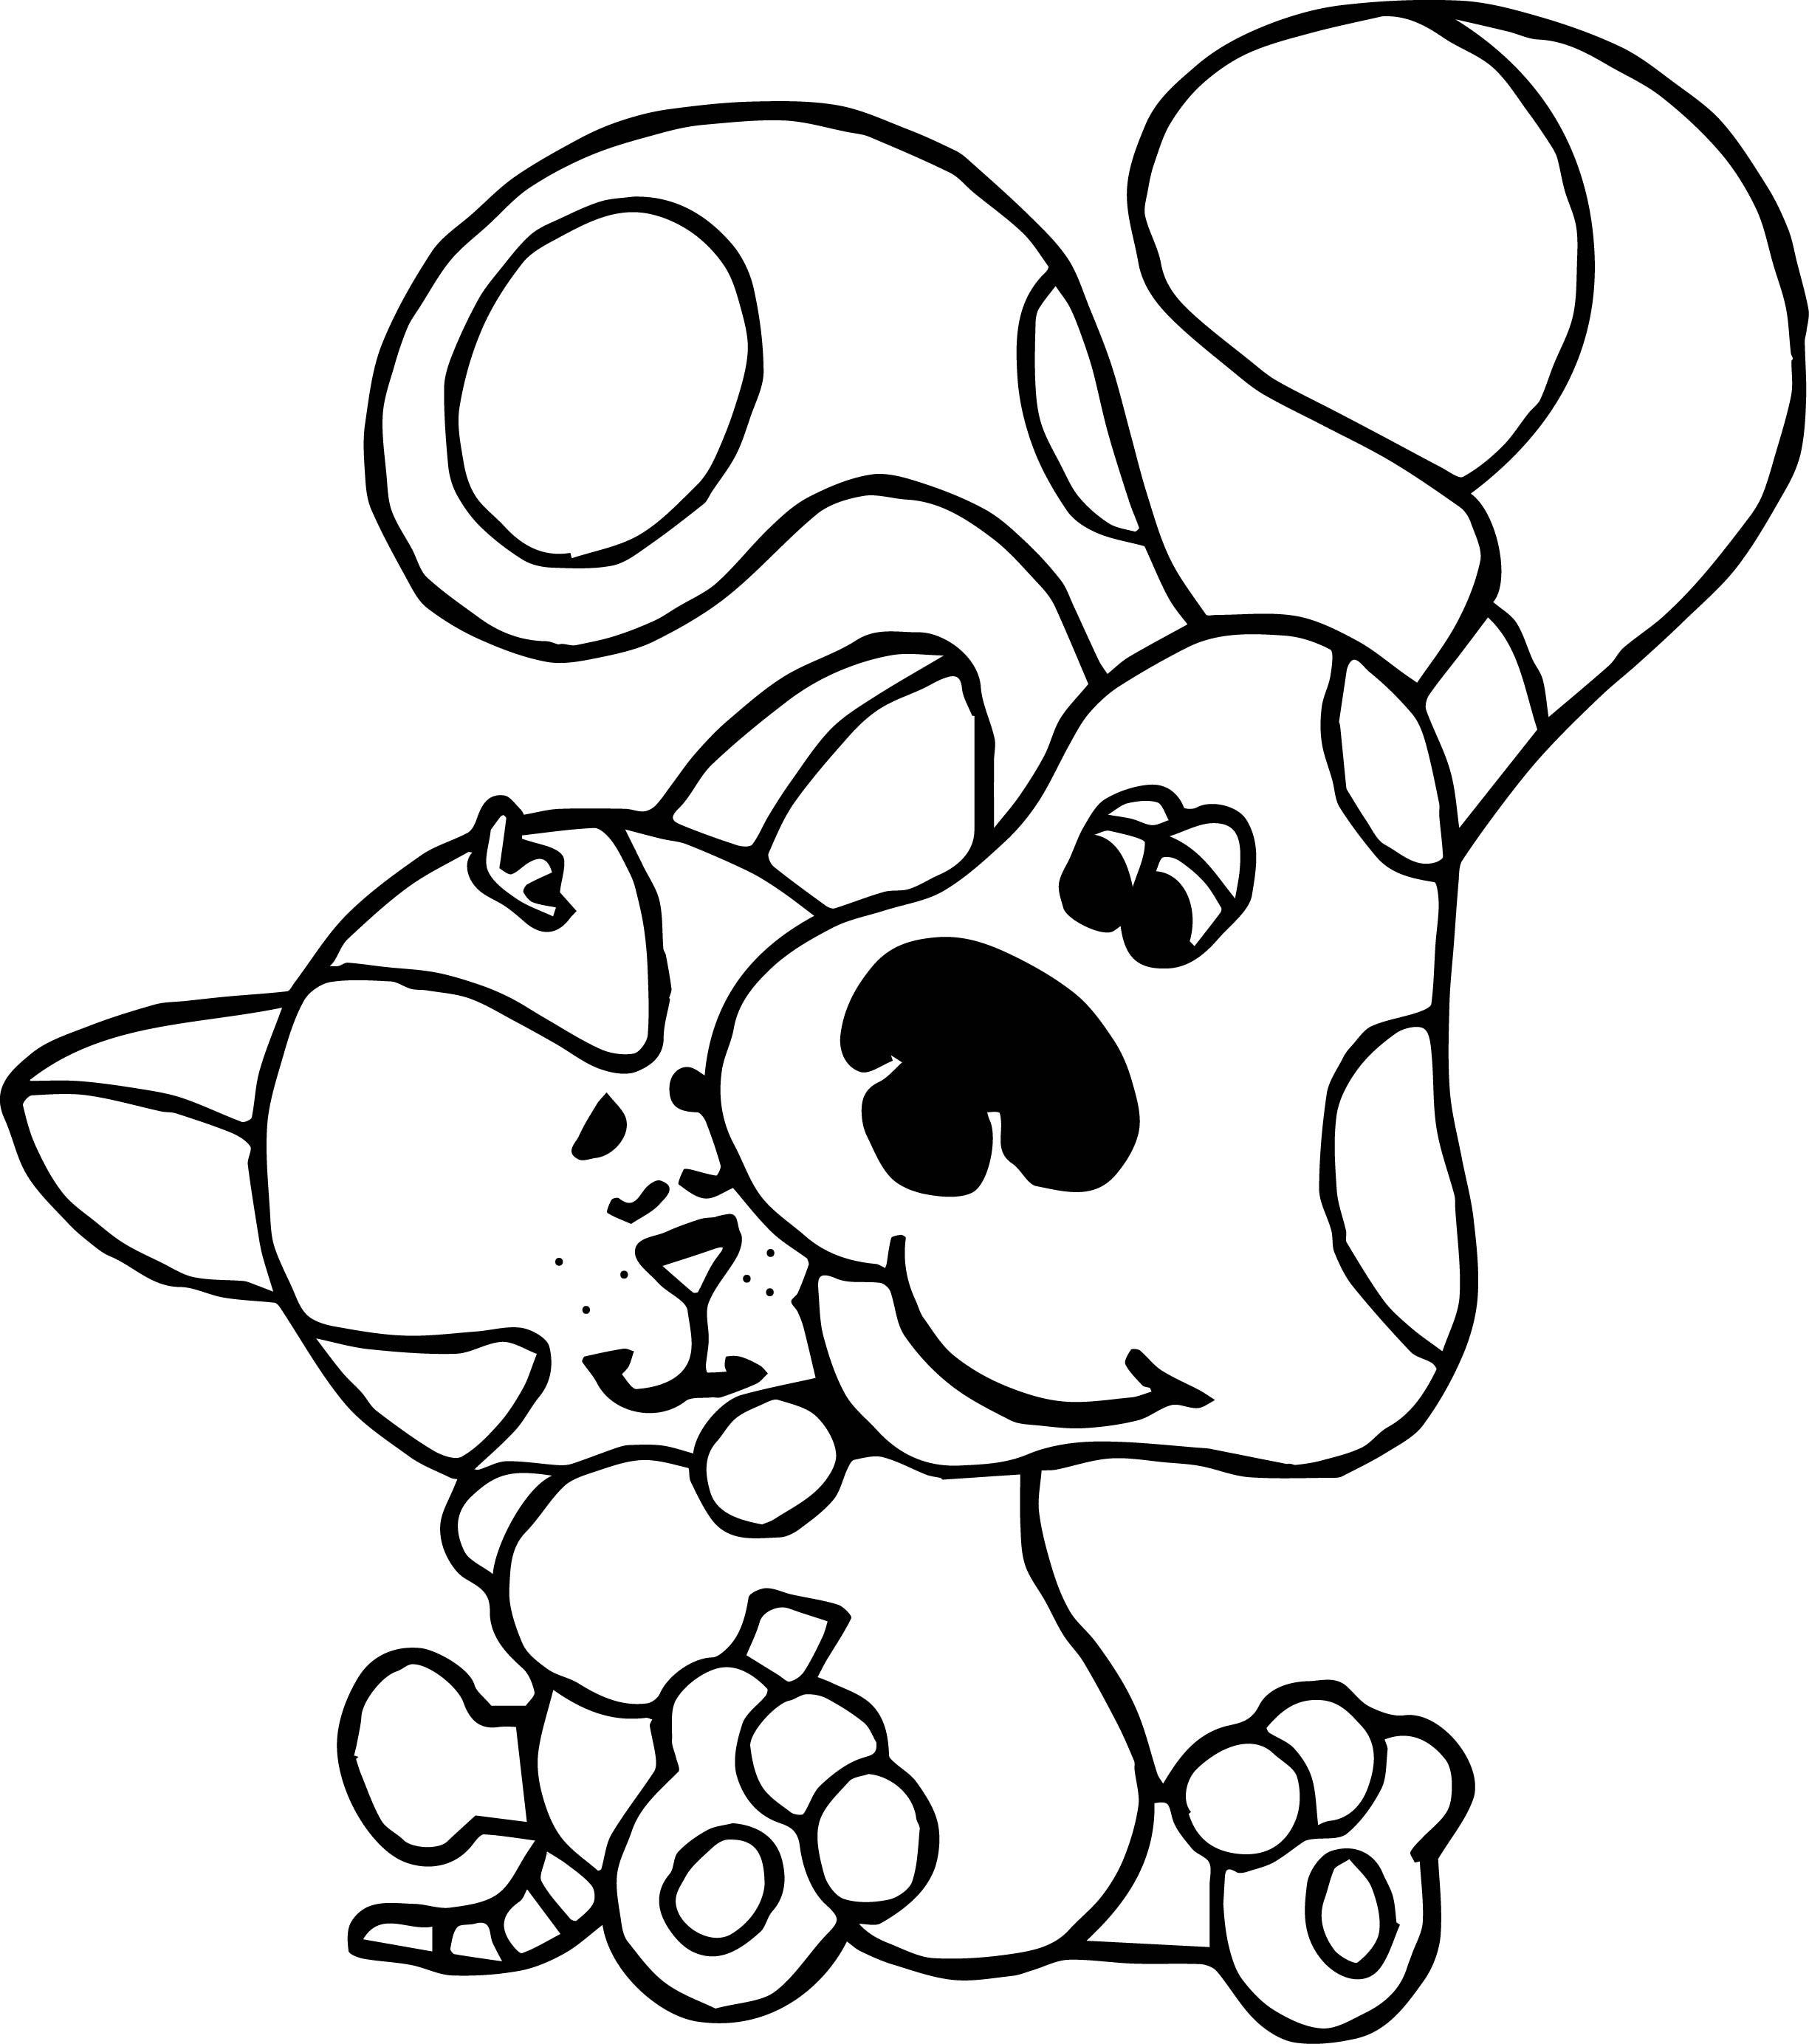 Dog Paw Drawing at GetDrawings